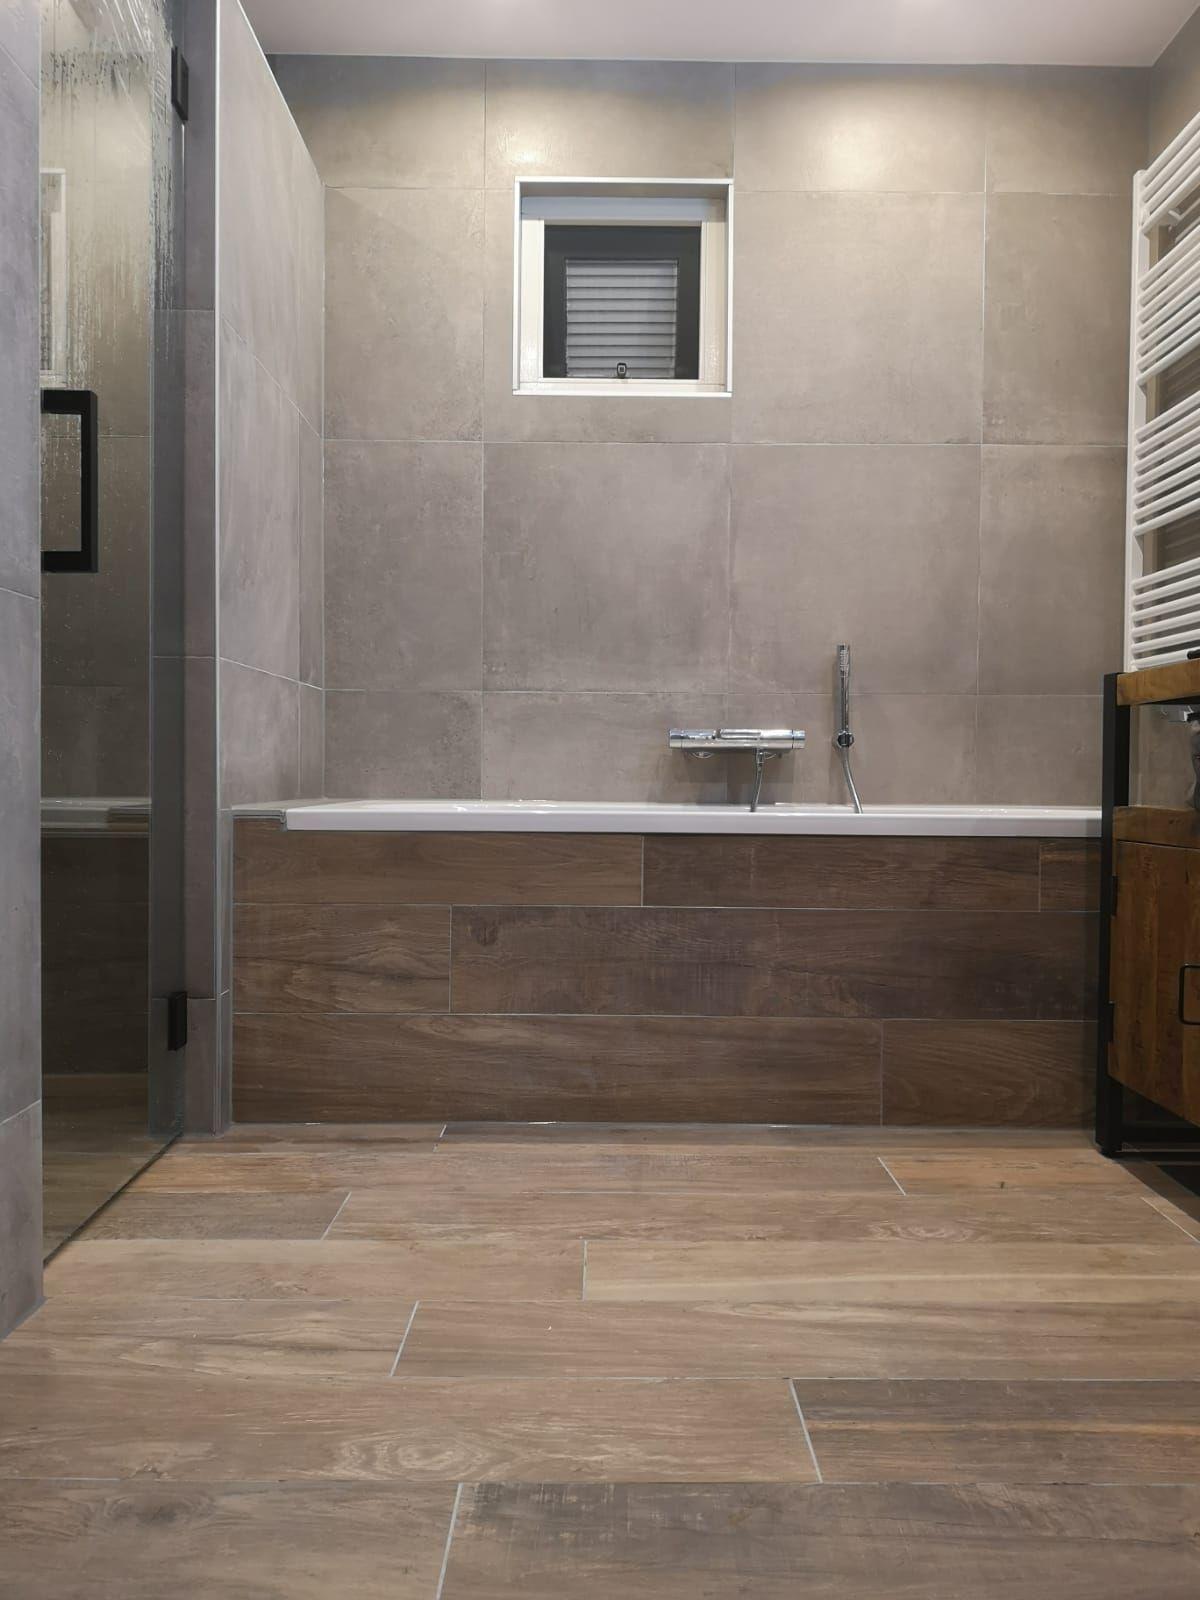 Bruine Vloertegels Badkamer.Keramisch Hout En Beton In De Badkamer Badkamer Badkamer